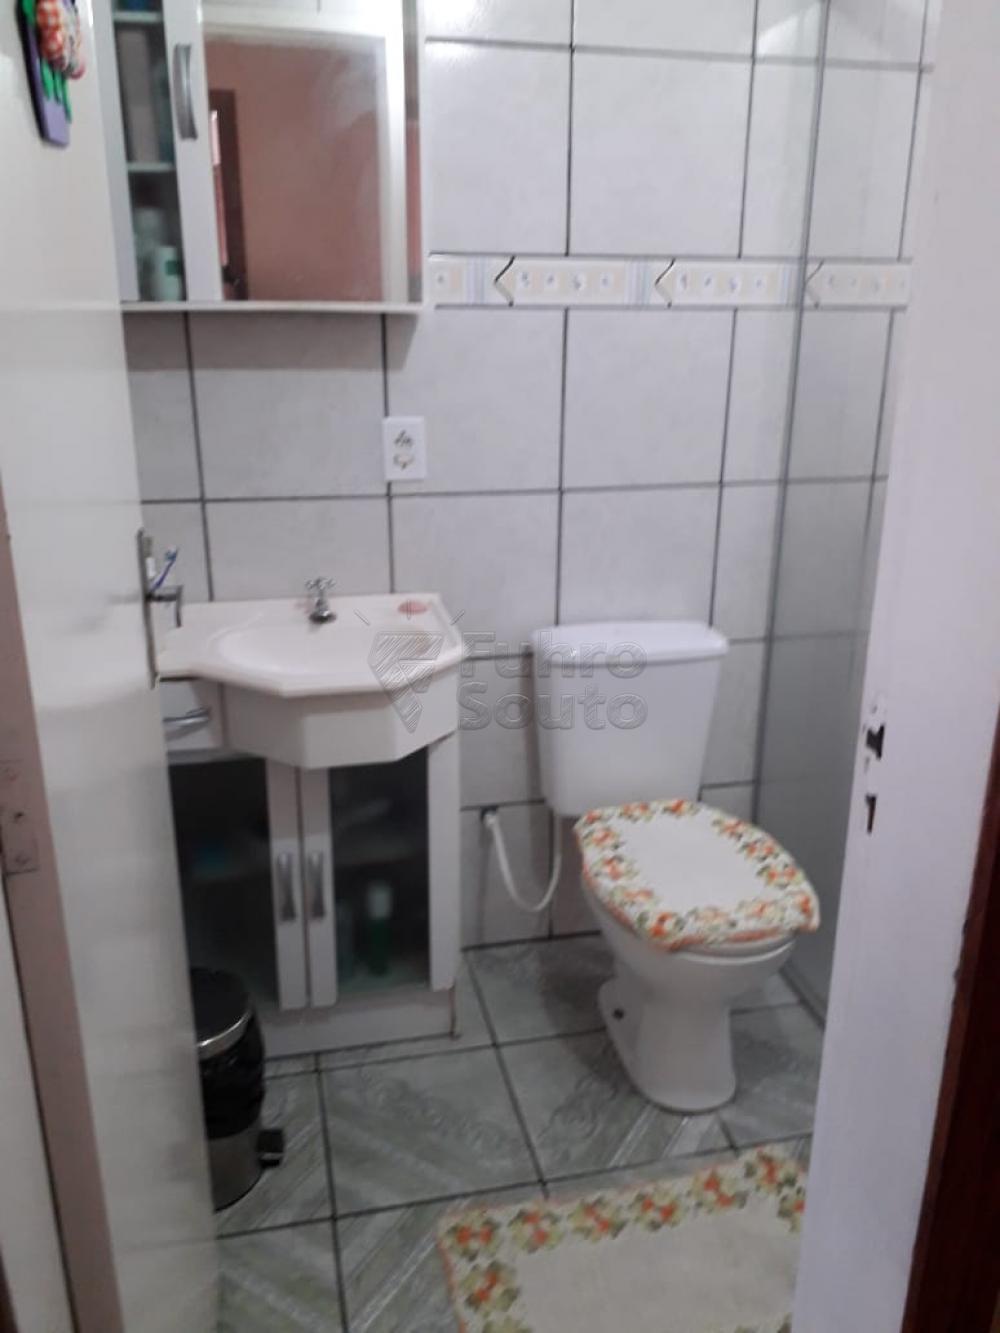 Comprar Apartamento / Padrão em Pelotas R$ 254.400,00 - Foto 10